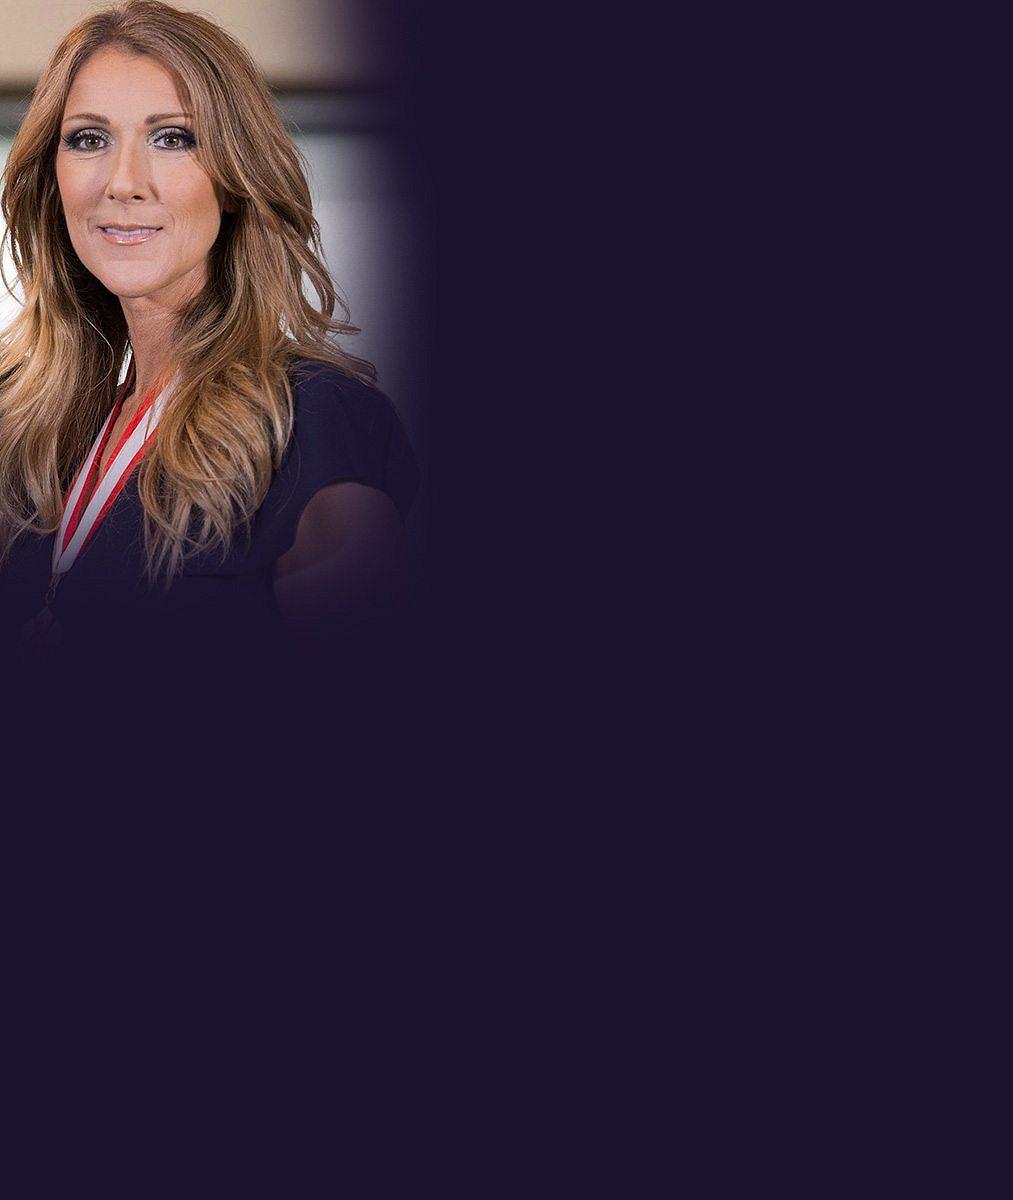 Celine Dion prodává sídlo s tobogány, kde žila se zesnulým manželem. Cena sletěla dolů o 738 miliónů